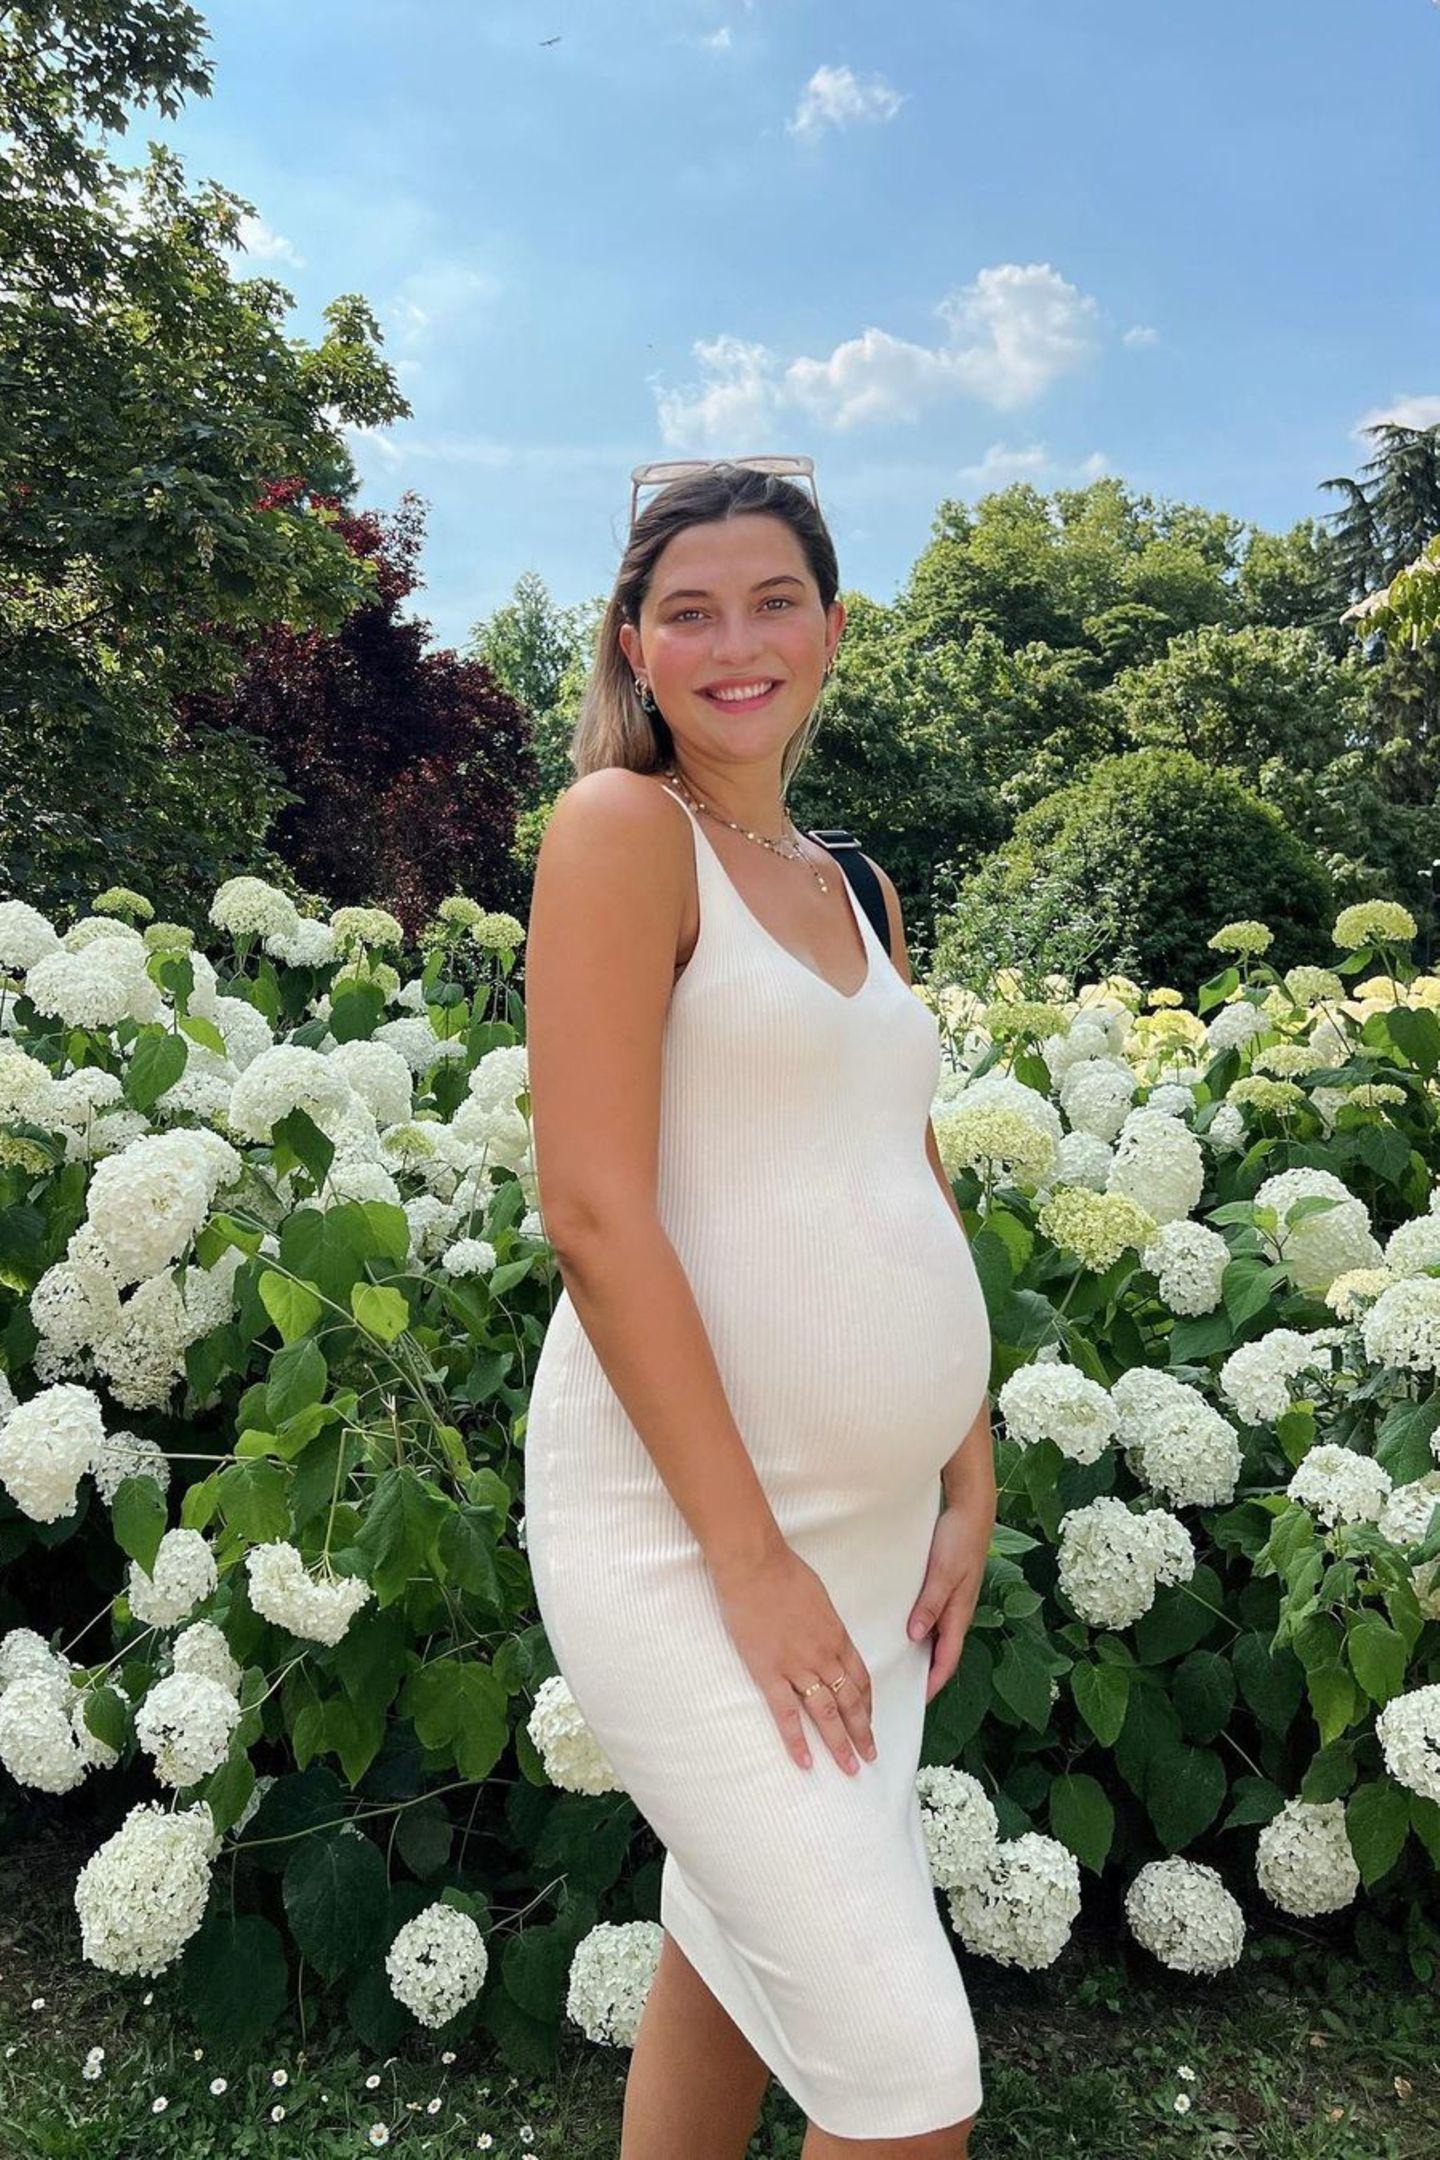 Klar, innerhalb von einem Jahr hat sich Fata Hasanovic nicht allzu sehr verändert. Nur ihre Haarfarbe ist nun anders. Ihre Spitzen schimmern nun etwas heller.